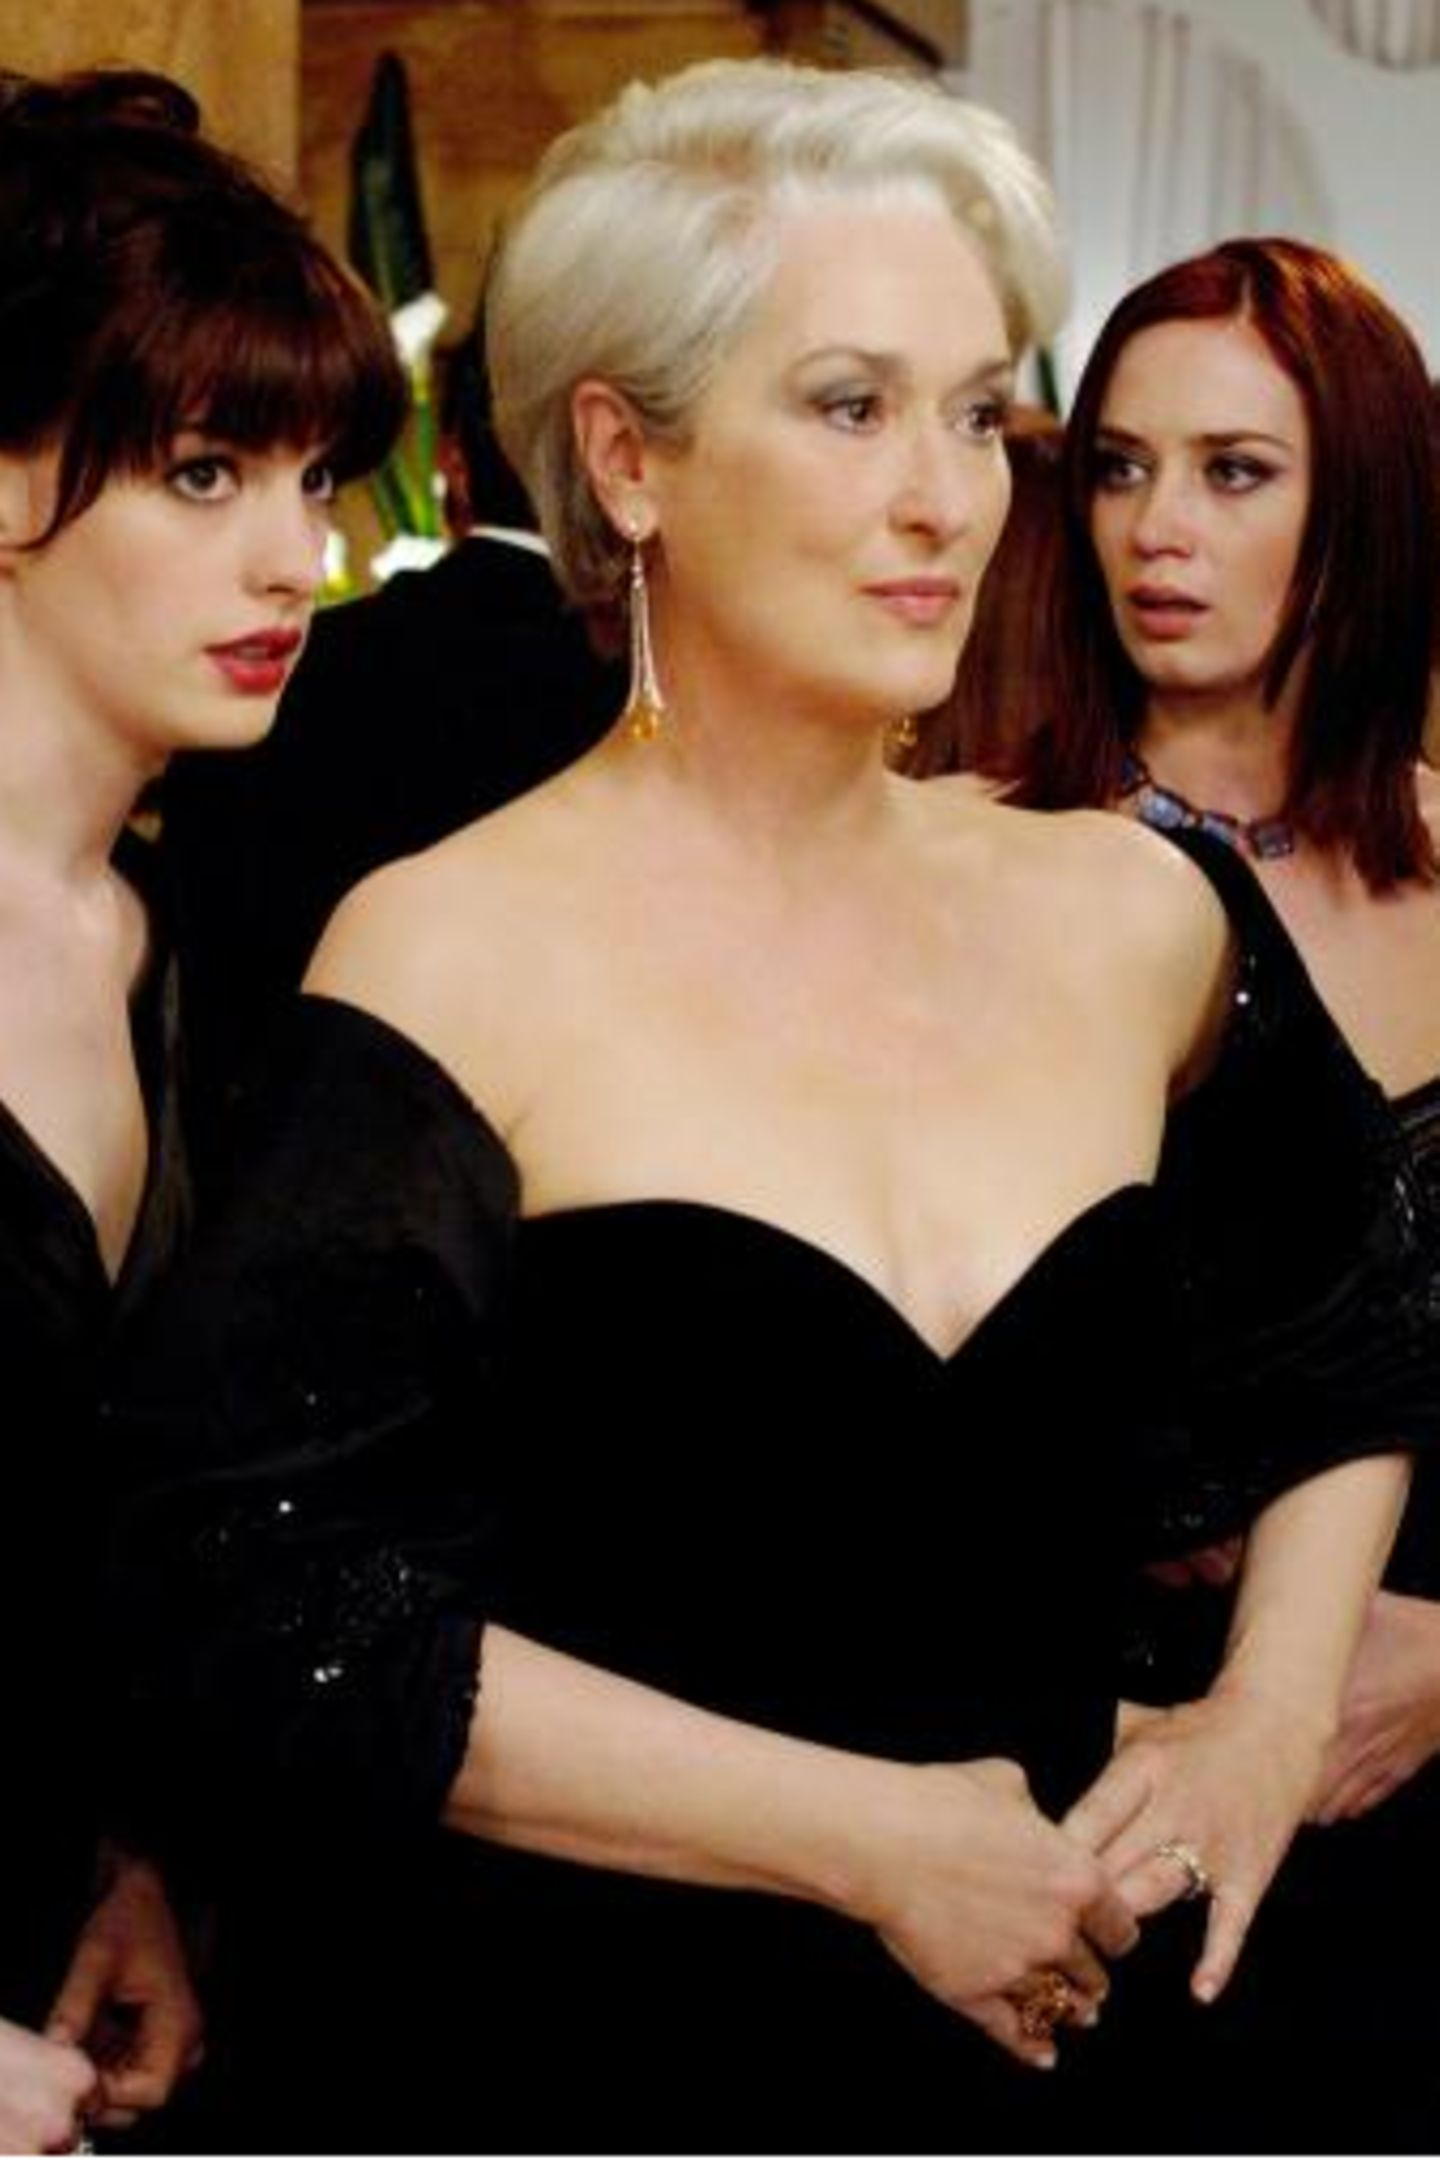 """Ostermontag 20:15 auf Sat.1: Der Teufel trägt Prada   Meryl Streep und Anne Hathaway beißen sich im Fashionzirkus durch: Die ambitionierte junge Journalistin Andy Sachs heuert bei der renommierten Modezeitschrift """"Runway"""" als zweite Assistentin der biestigen Chefredakteurin Miranda Priestly an. Mit ihrem altbackenen Outfit und ihrem modischen Desinteresse fällt sie sofort negativ auf. Doch Andy gibt trotz der Schikanen ihrer Chefin und der Kolleginnen ihr Bestes, um in dem knallharten Business bestehen zu können."""